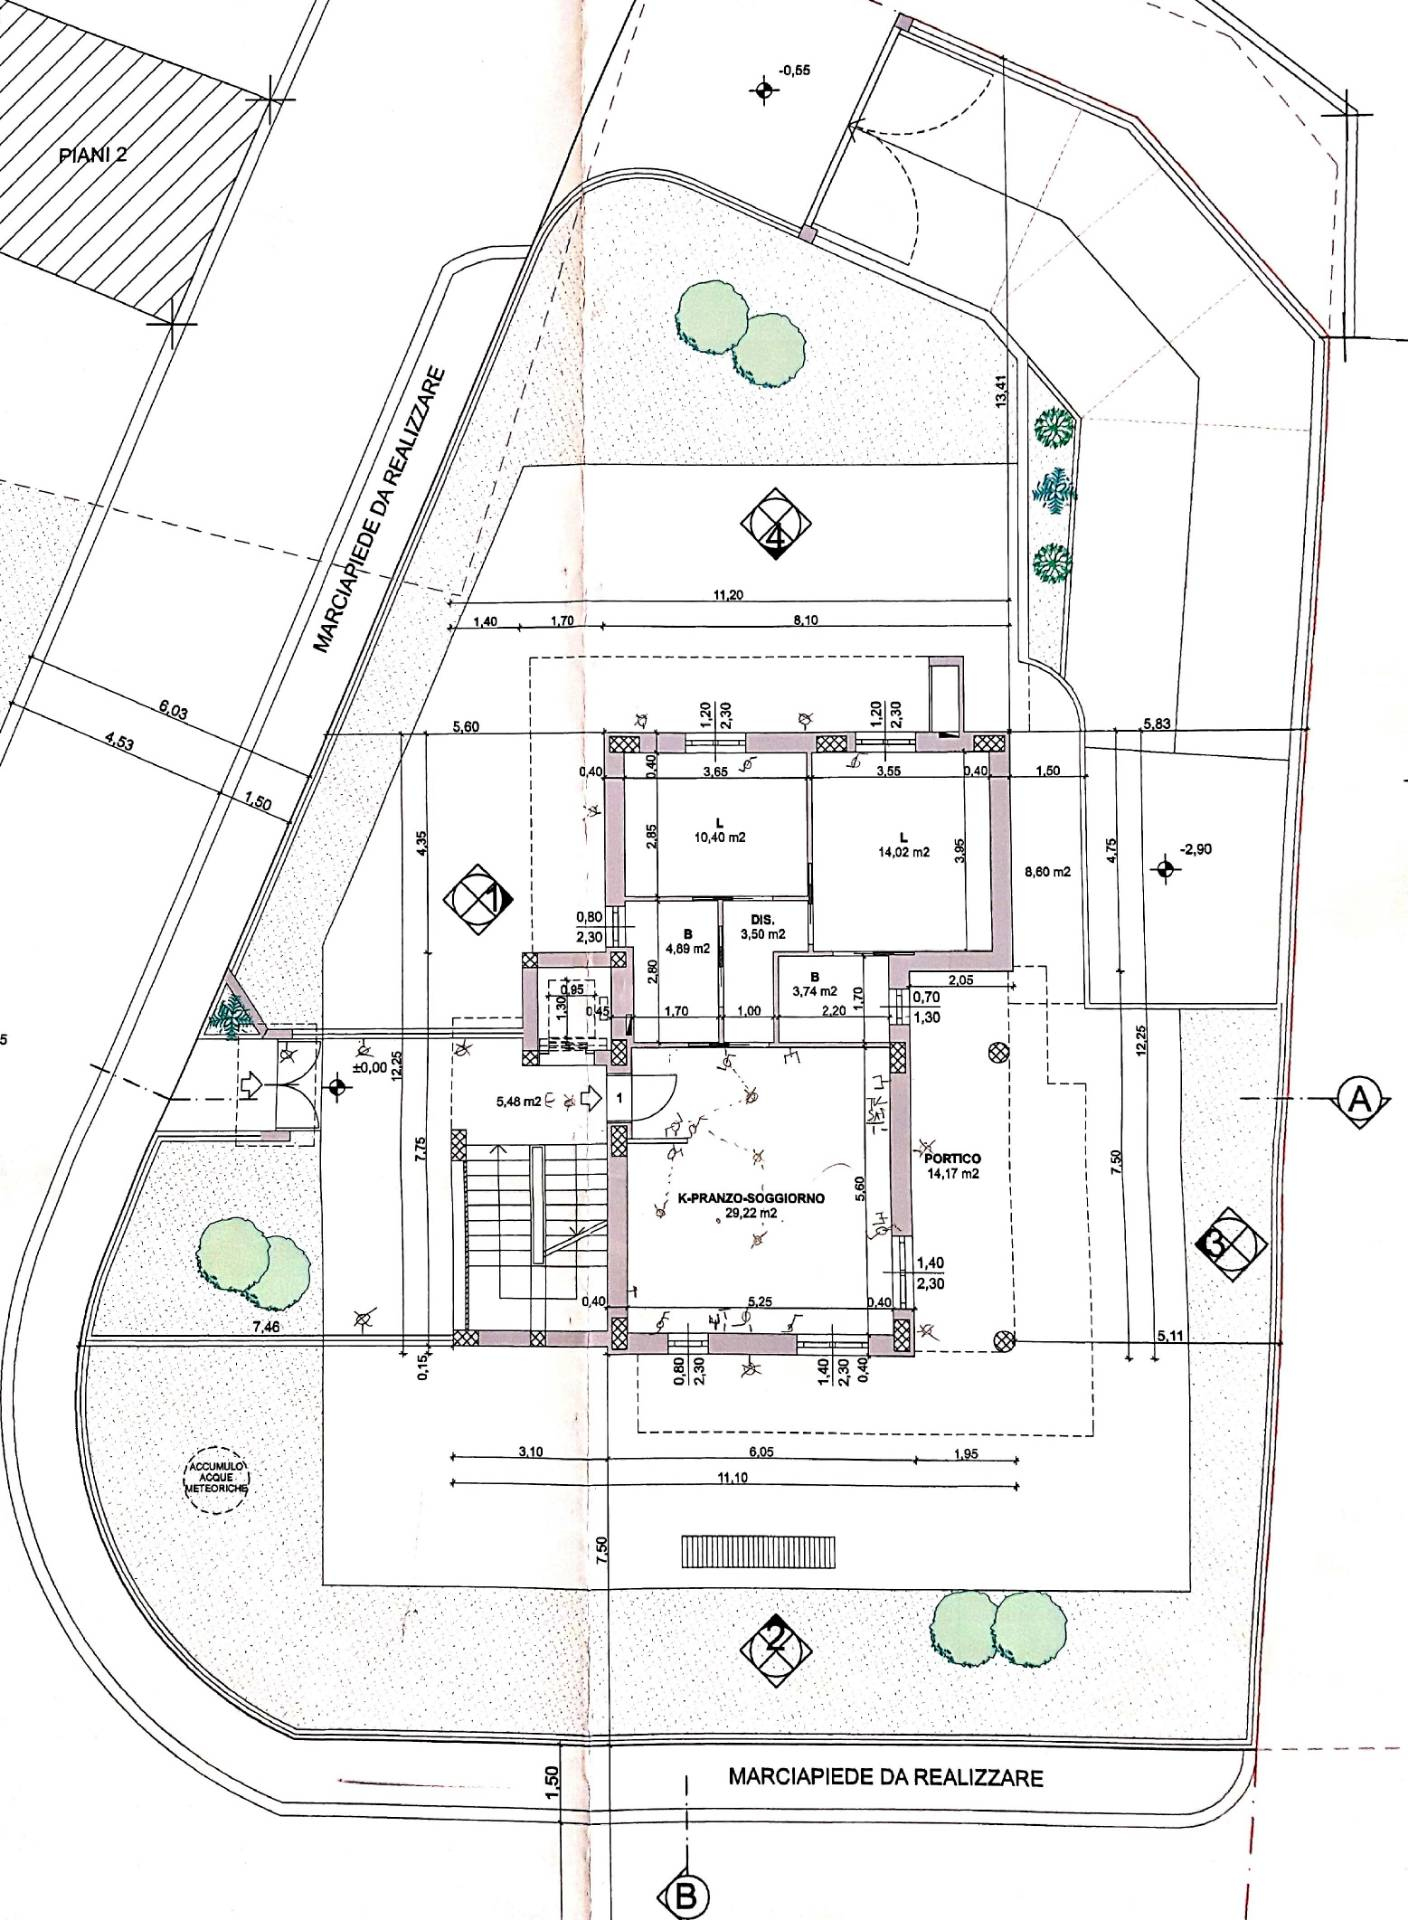 Appartamento in vendita a Tivoli, 3 locali, zona Località: Campolimpido, prezzo € 220.000 | CambioCasa.it